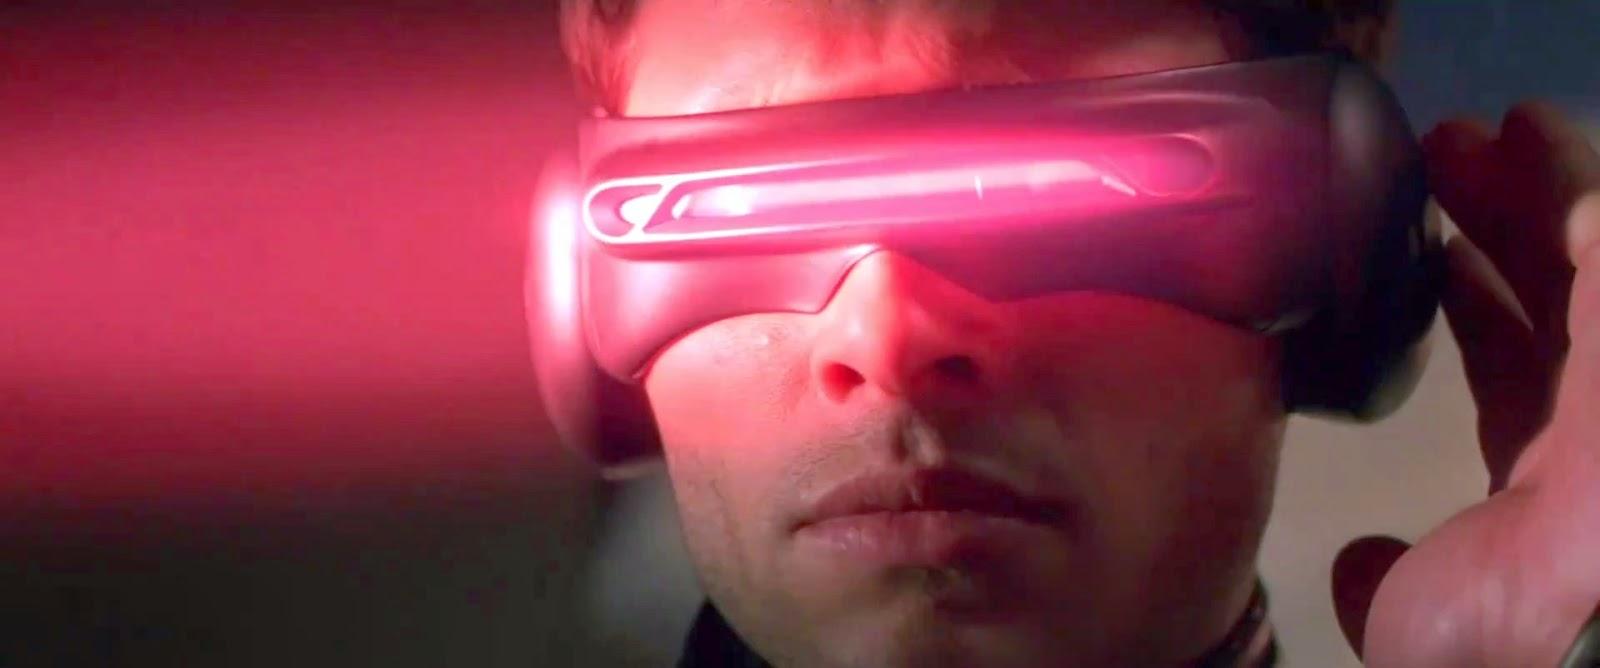 Kelly Se Dirige A La Mansion X En Busca De Ayuda Y Es Recibido Por Storm Charles Lee Su Mente Percata Maquina Magneto Al Revivir Aquel